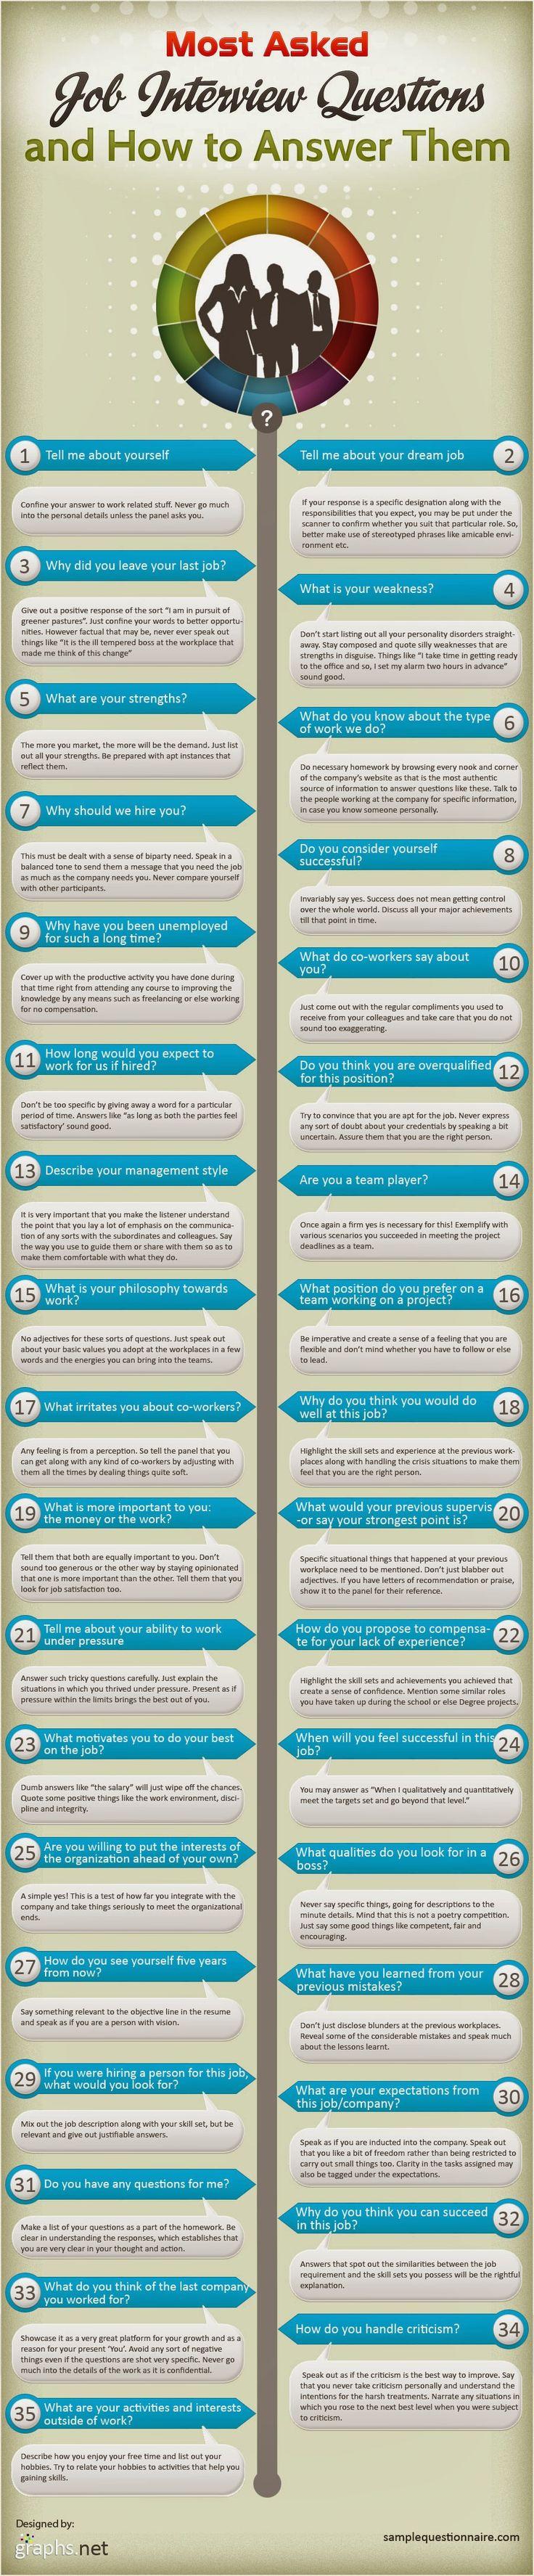 Most asked job interview questions and how to answer them // Las 35 preguntas más populares en una entrevista de trabajo y como contestarlas.